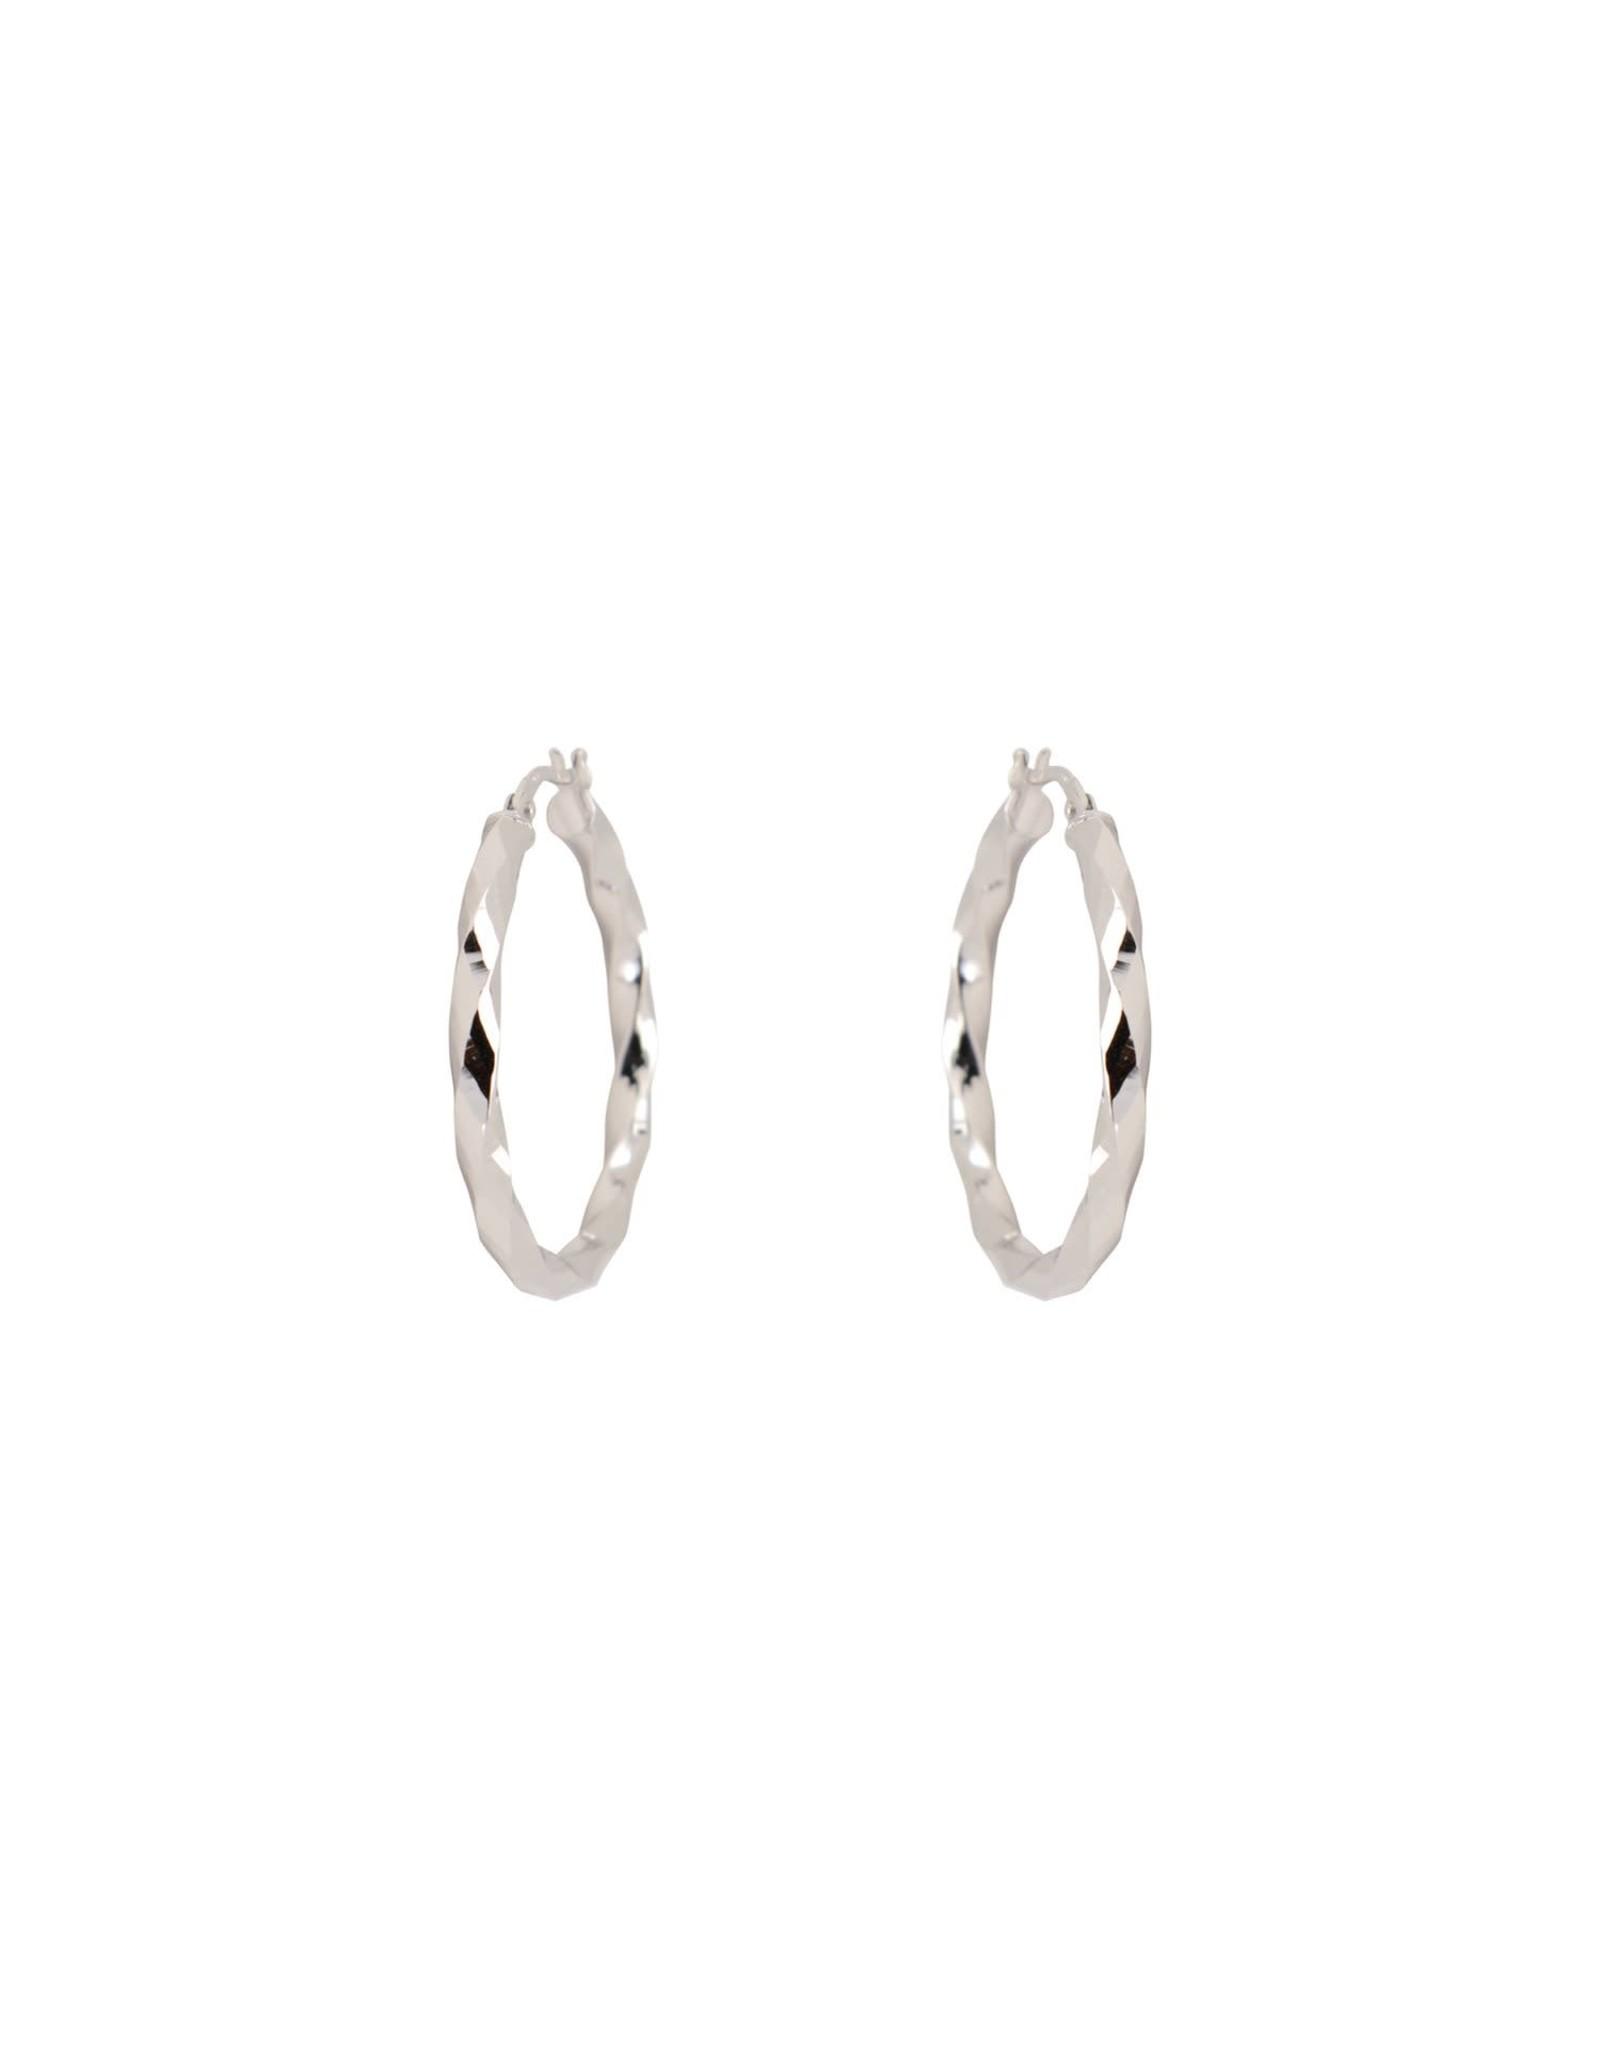 Boucles d'oreilles Anneaux miroirs Or blanc 10K